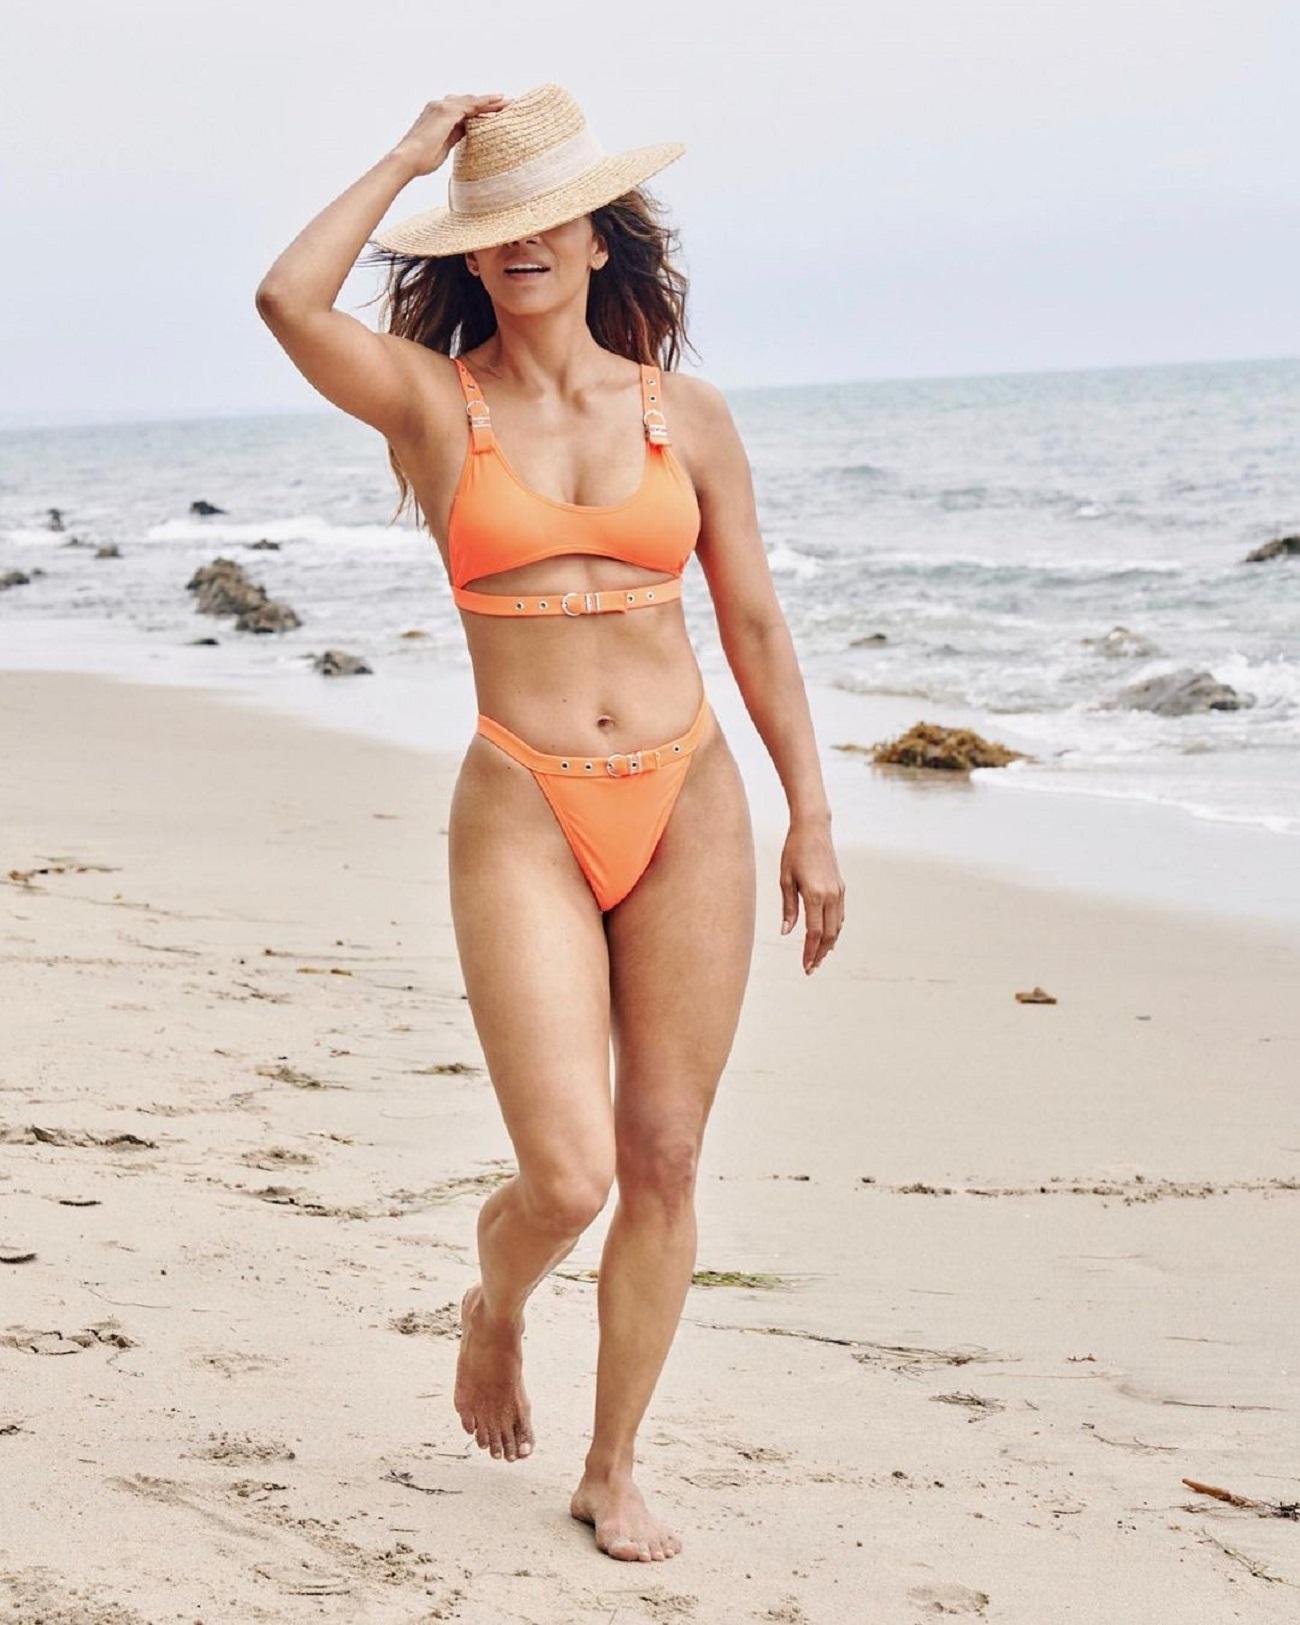 54-летняя Холли Берри показала спортивную фигуру в обтягивающем наряде